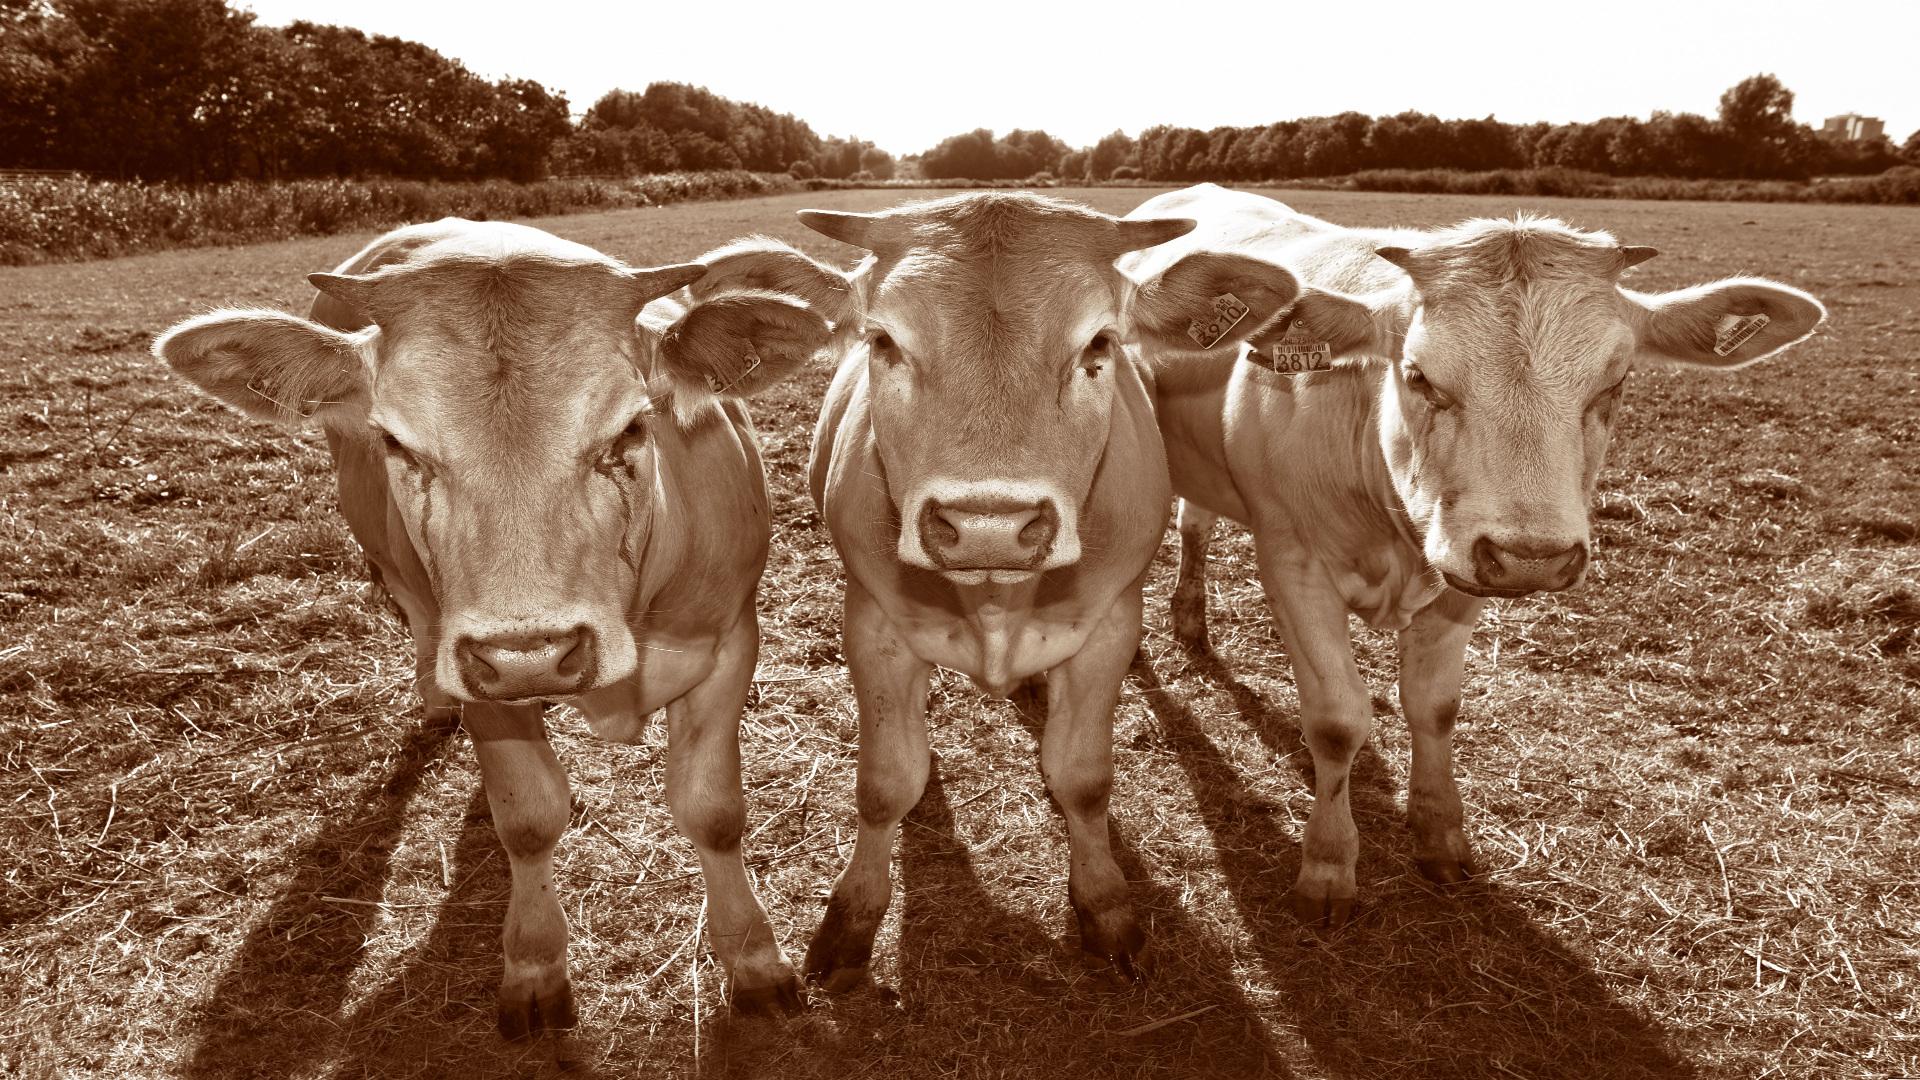 Los ganaderos no deben comprar medicamentos sin receta y menos decidir los tratamientos1920